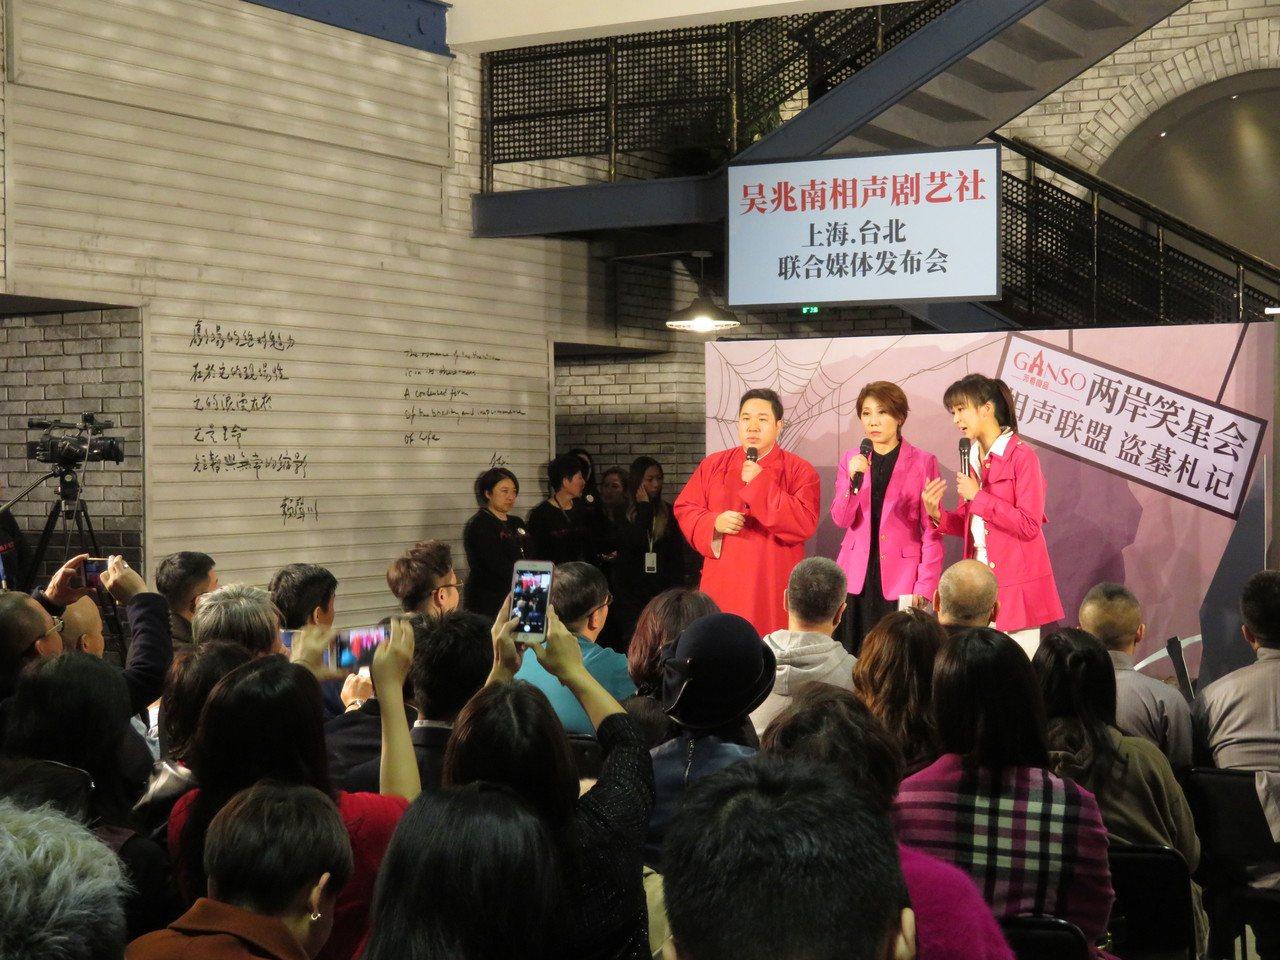 兩岸相聲名角發起的《相聲聯盟》,25日在上海舉行新作《盜墓札記》首演發布會,相聲...